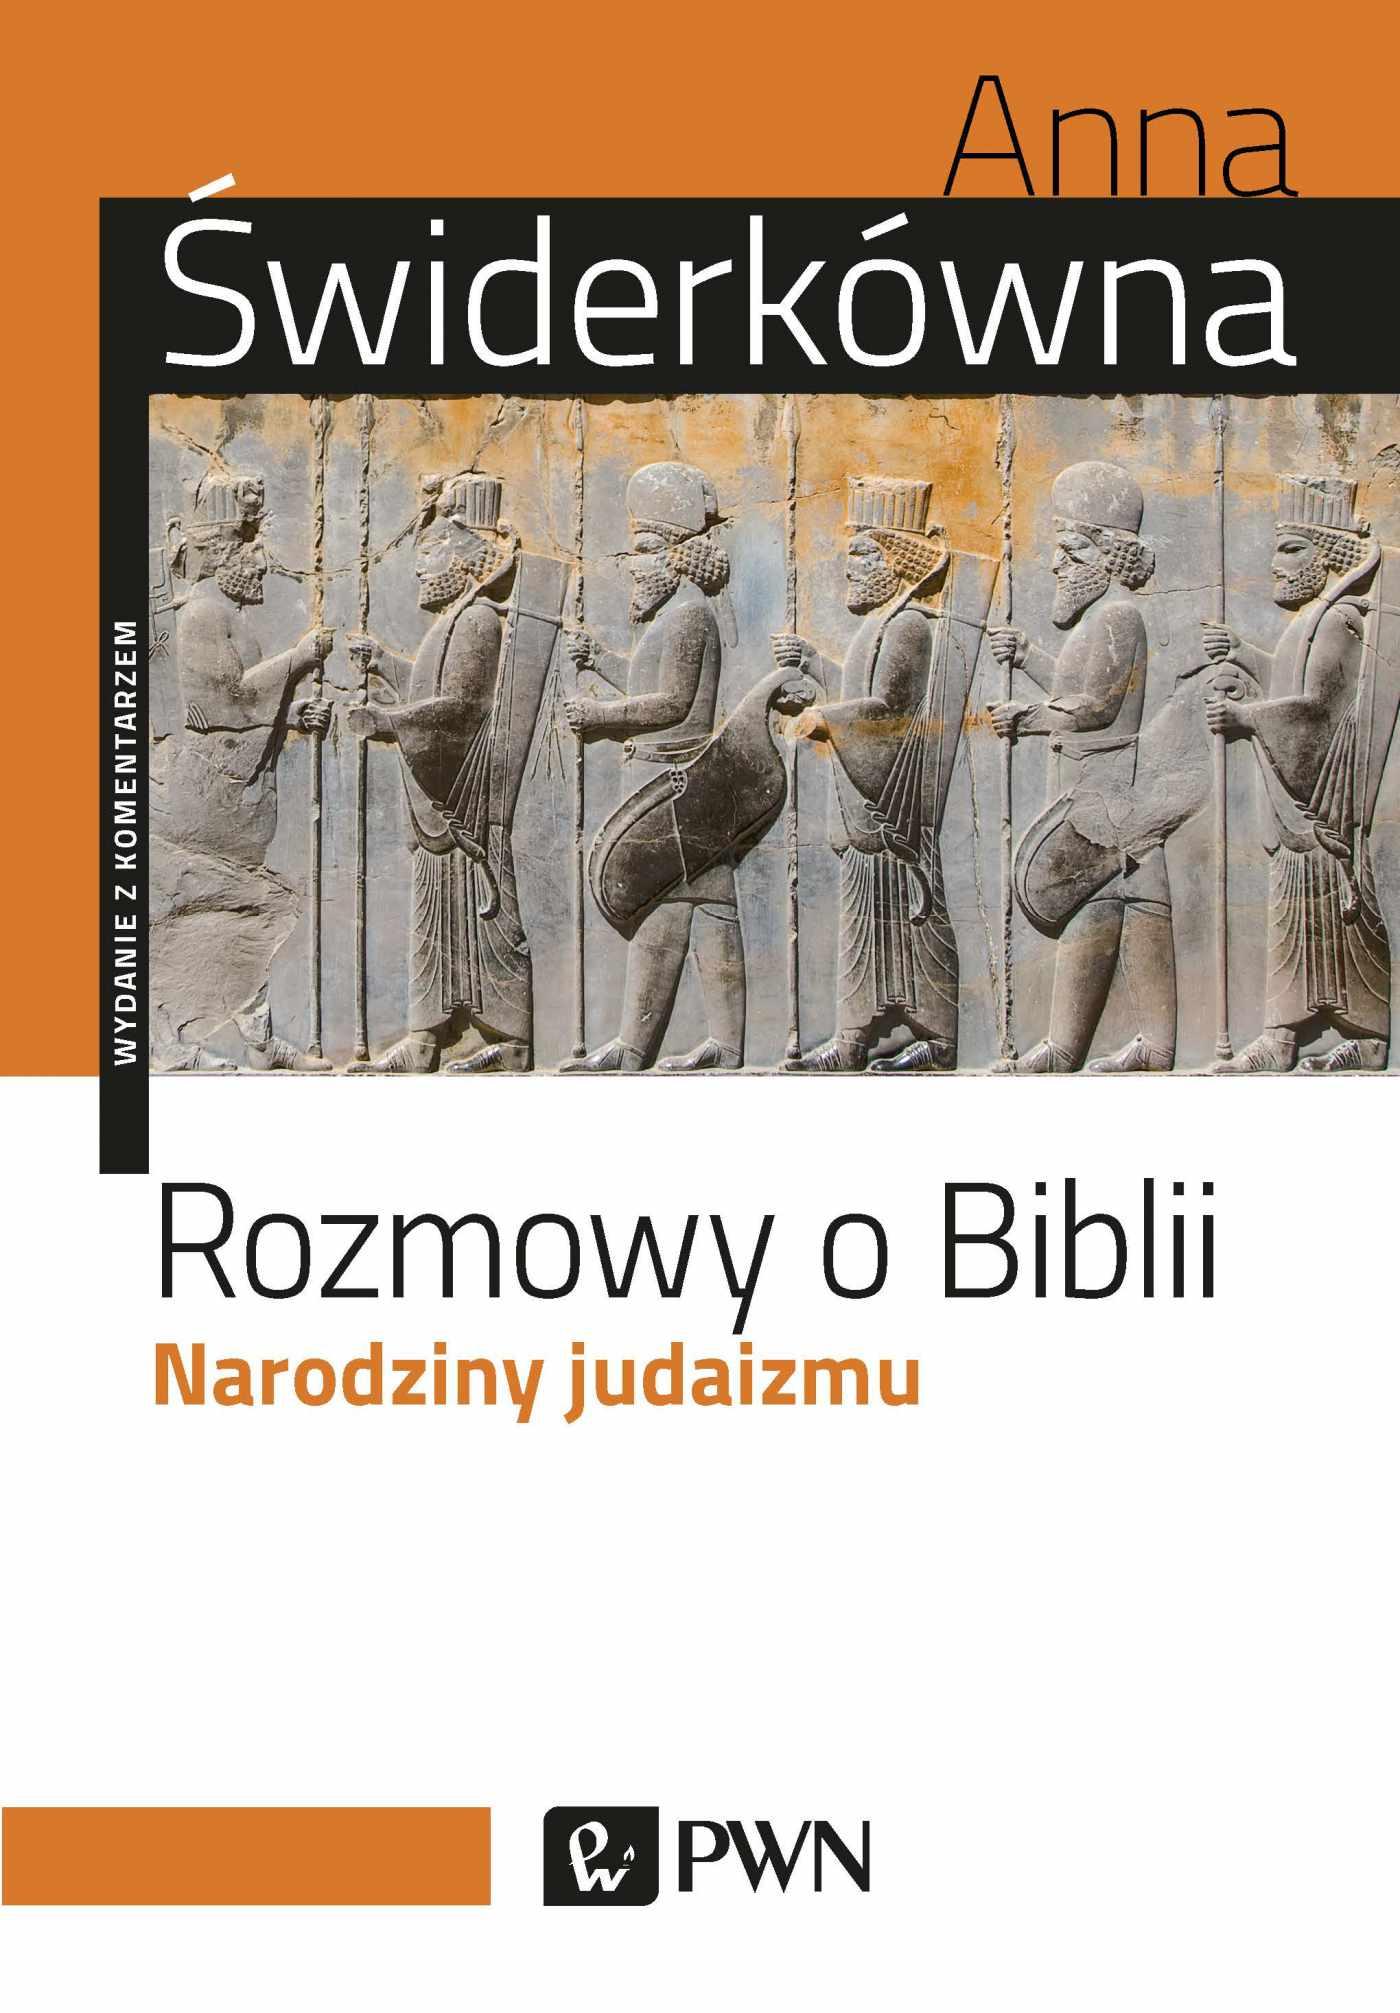 Rozmowy o Biblii. Narodziny judaizmu. Wydanie z komentarzem - Ebook (Książka EPUB) do pobrania w formacie EPUB